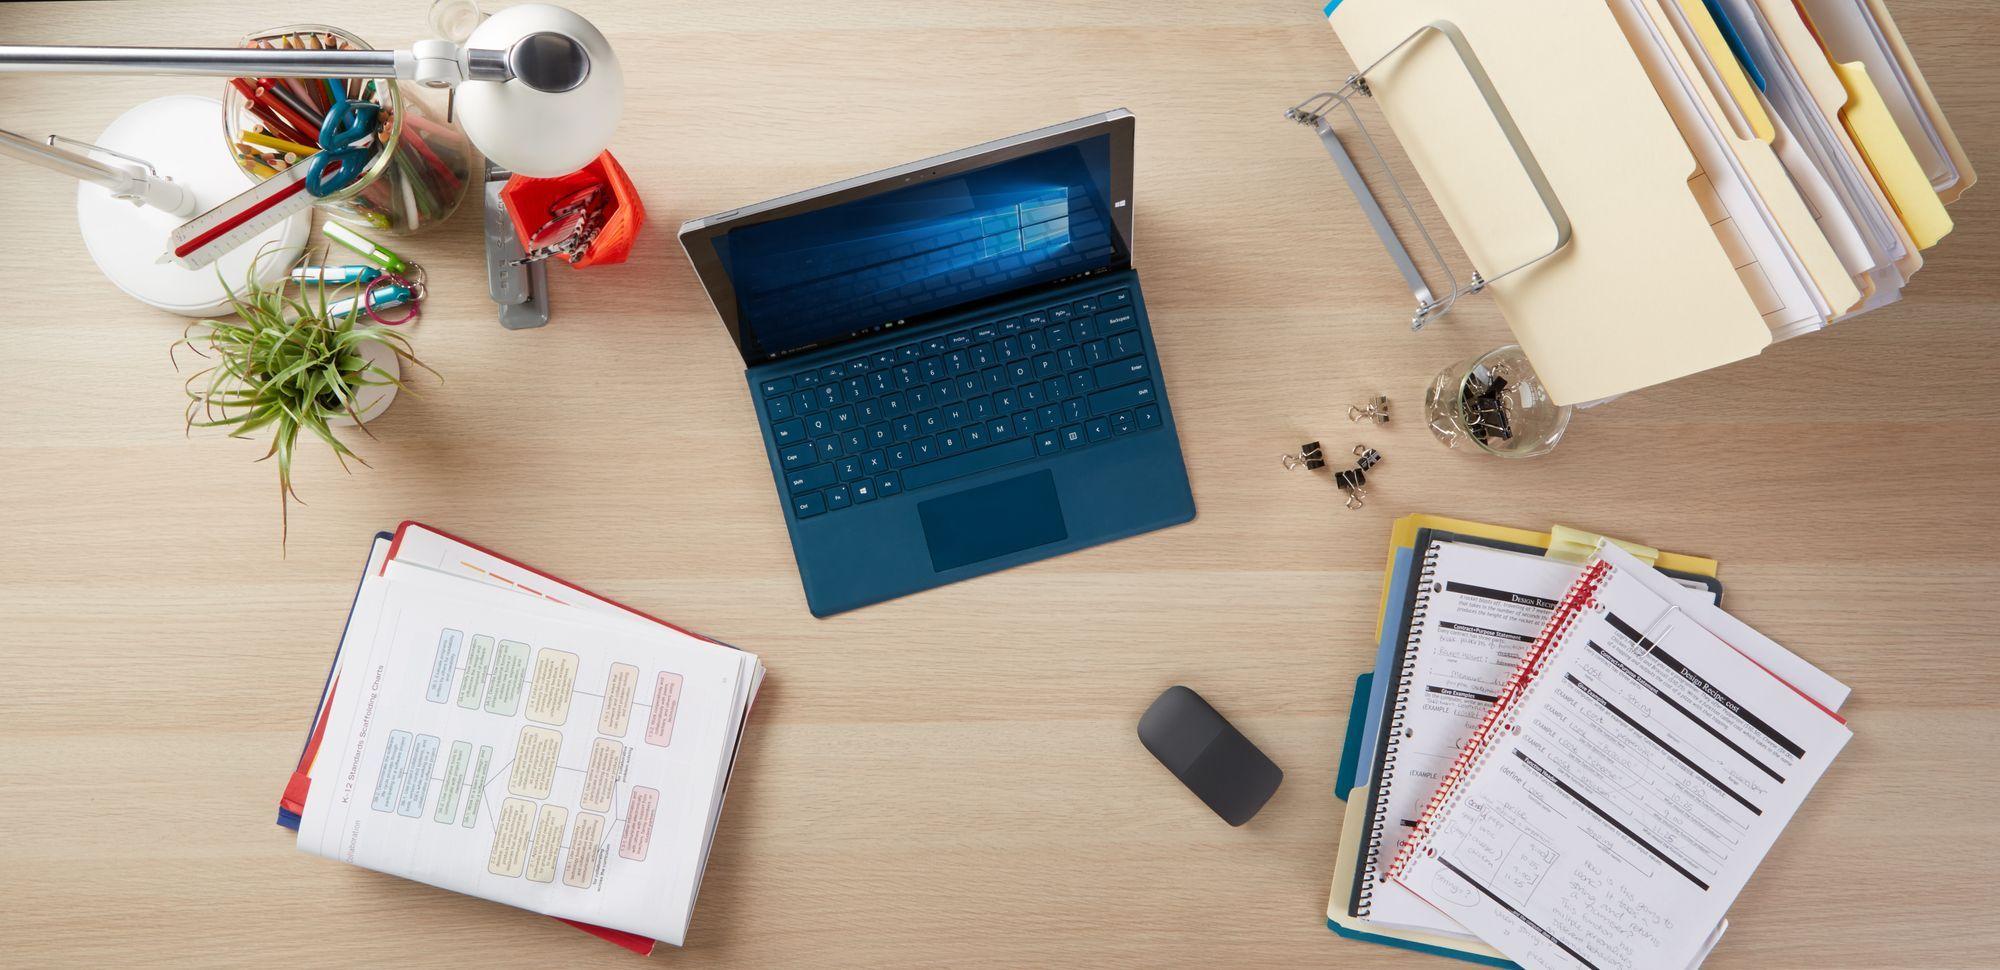 Ein Schreibtisch mit dem Surface Go zwischen verschiedenen Heftern, Akten und Schreibtischutensilien